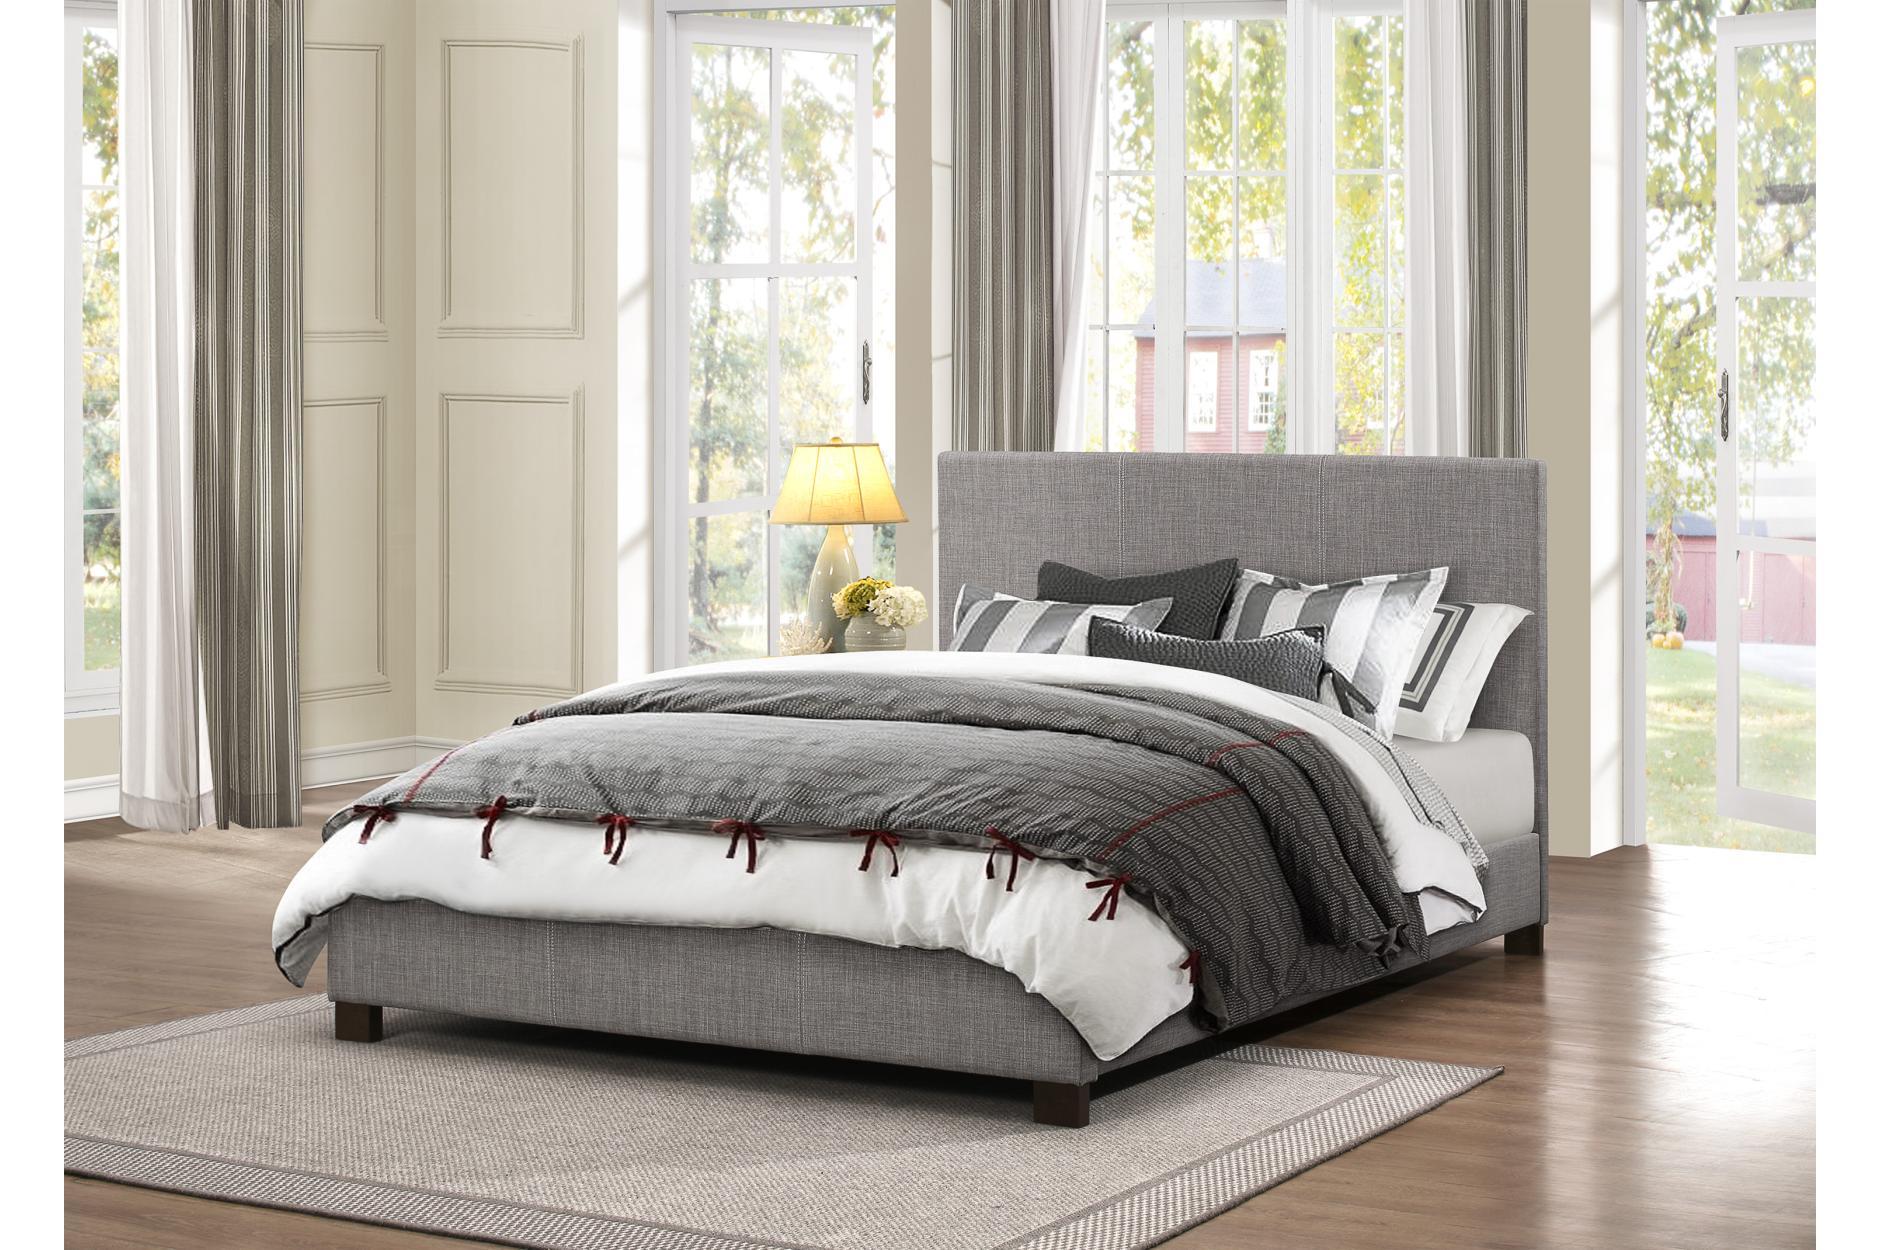 H3 Furniture Inc